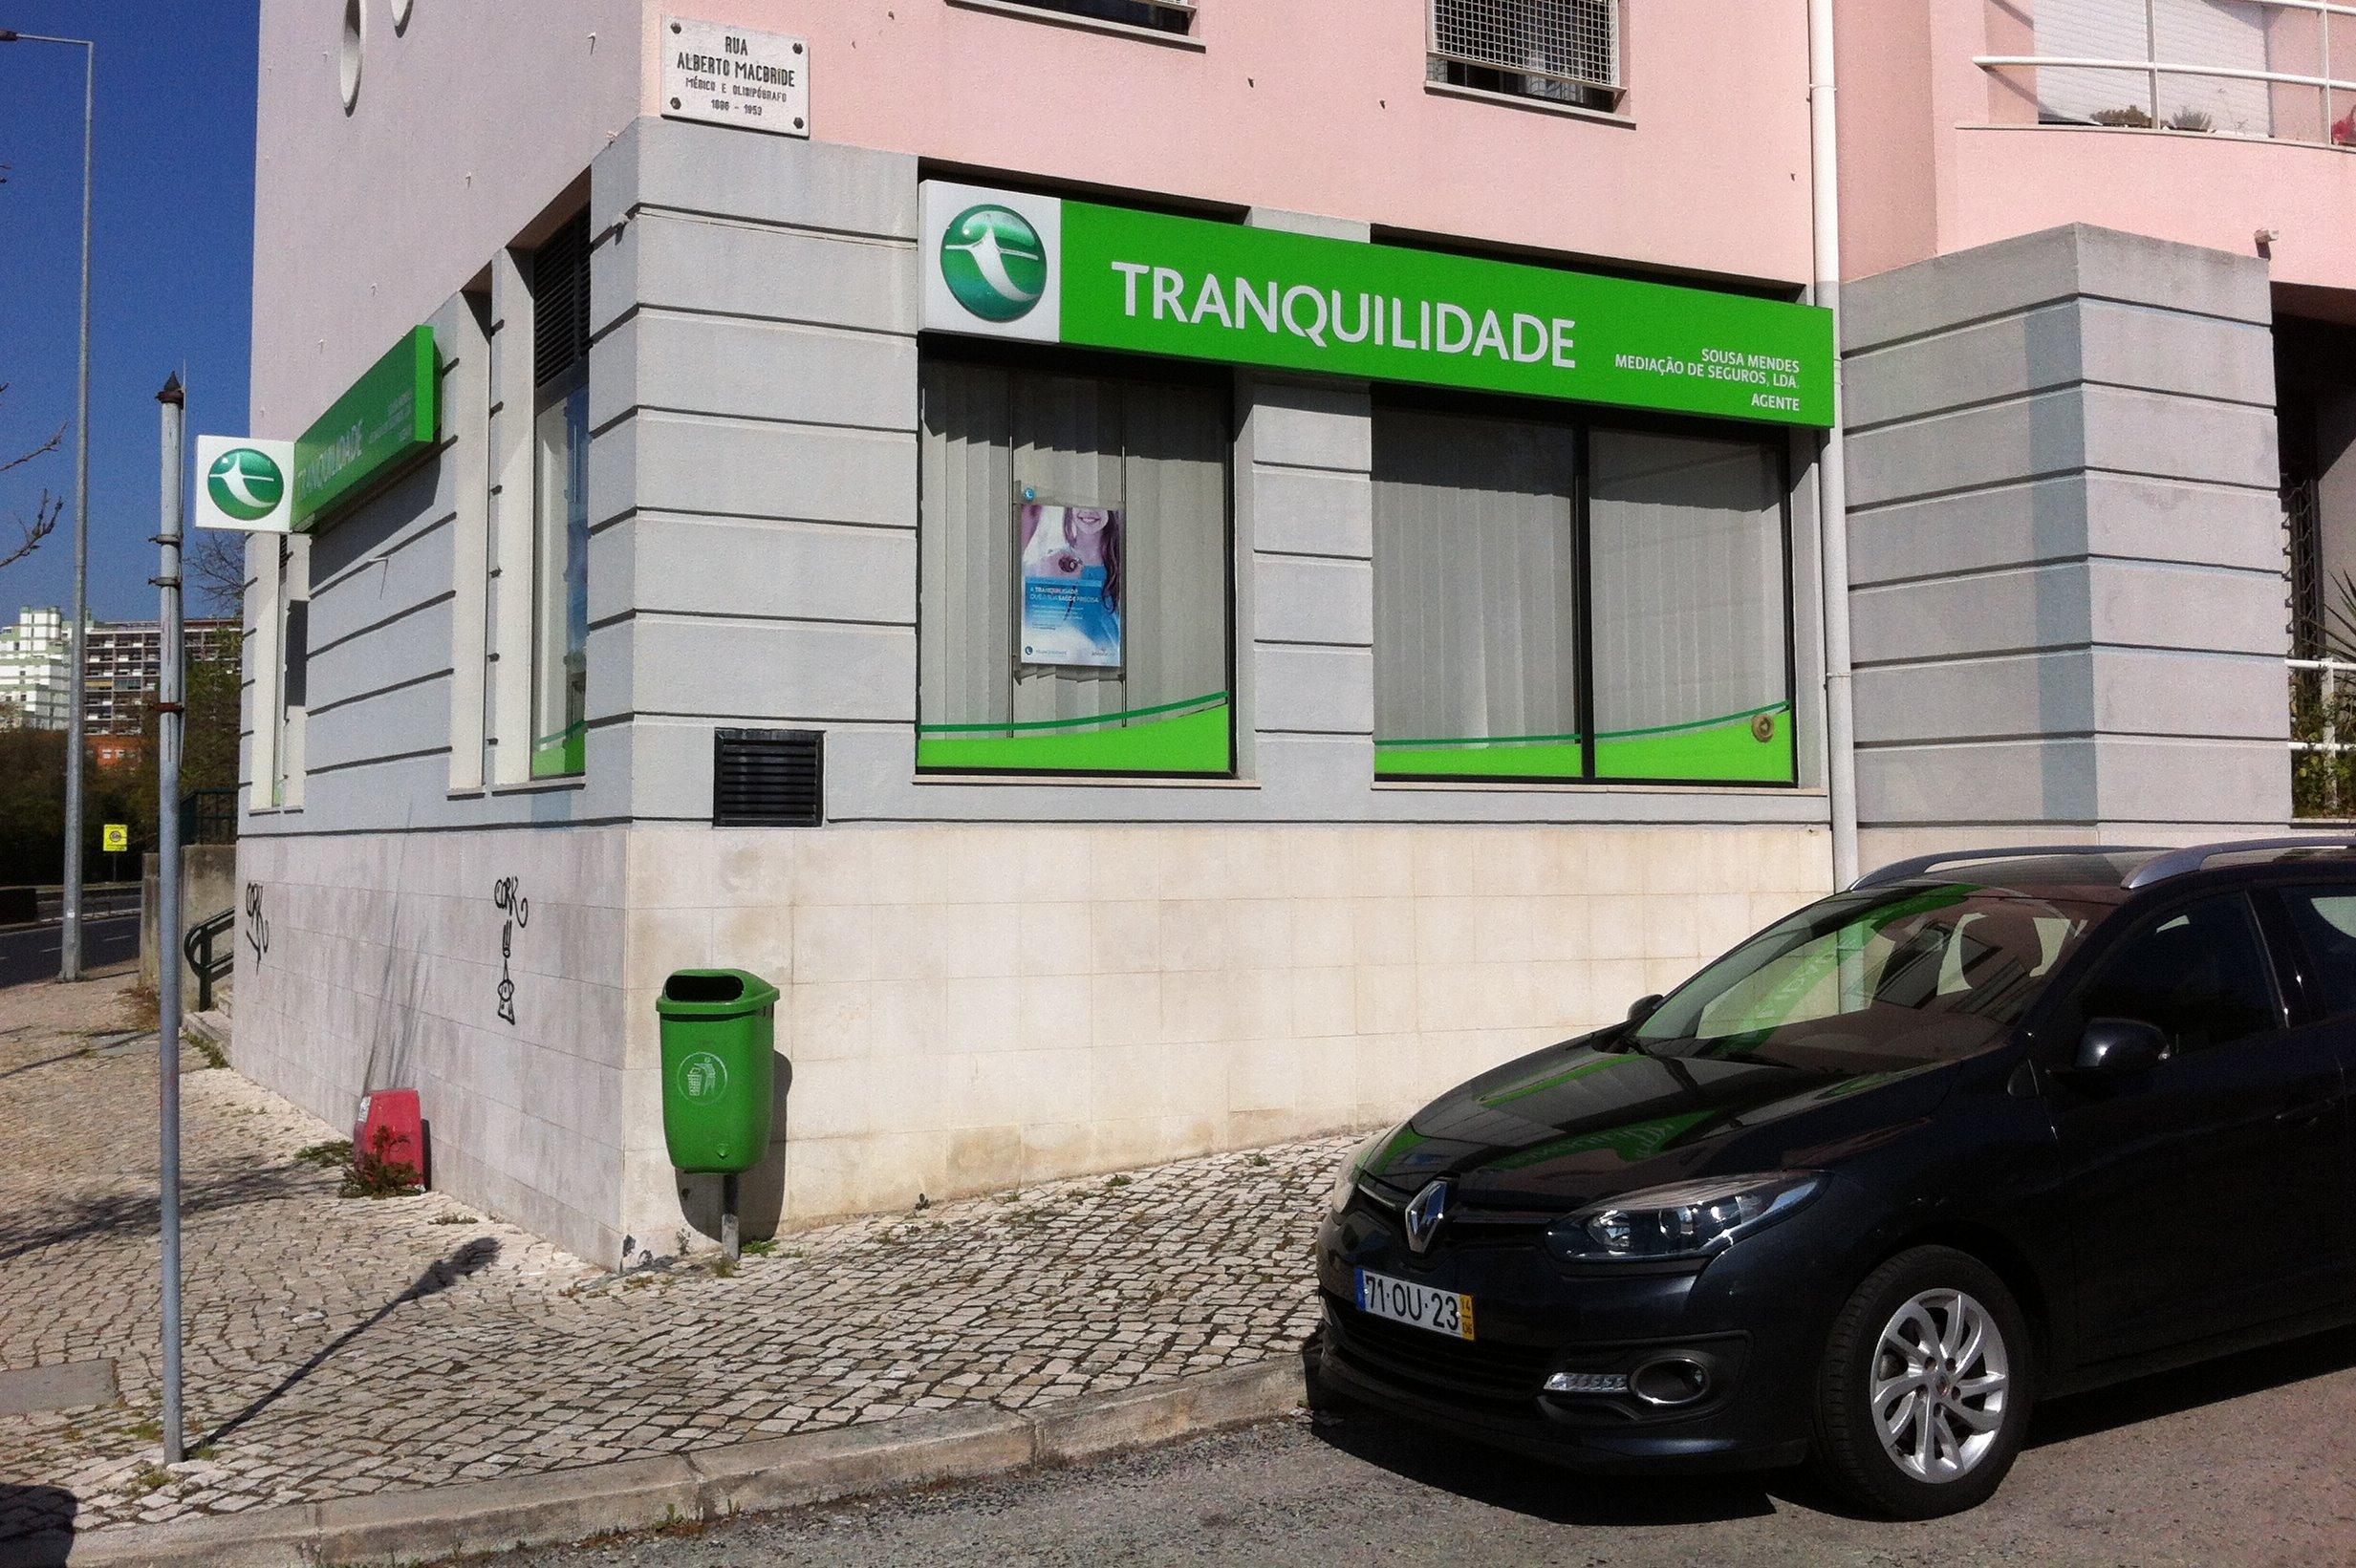 TRANQUILIDADE: Agente Sousa Mendes Mediação Seguros Lda.